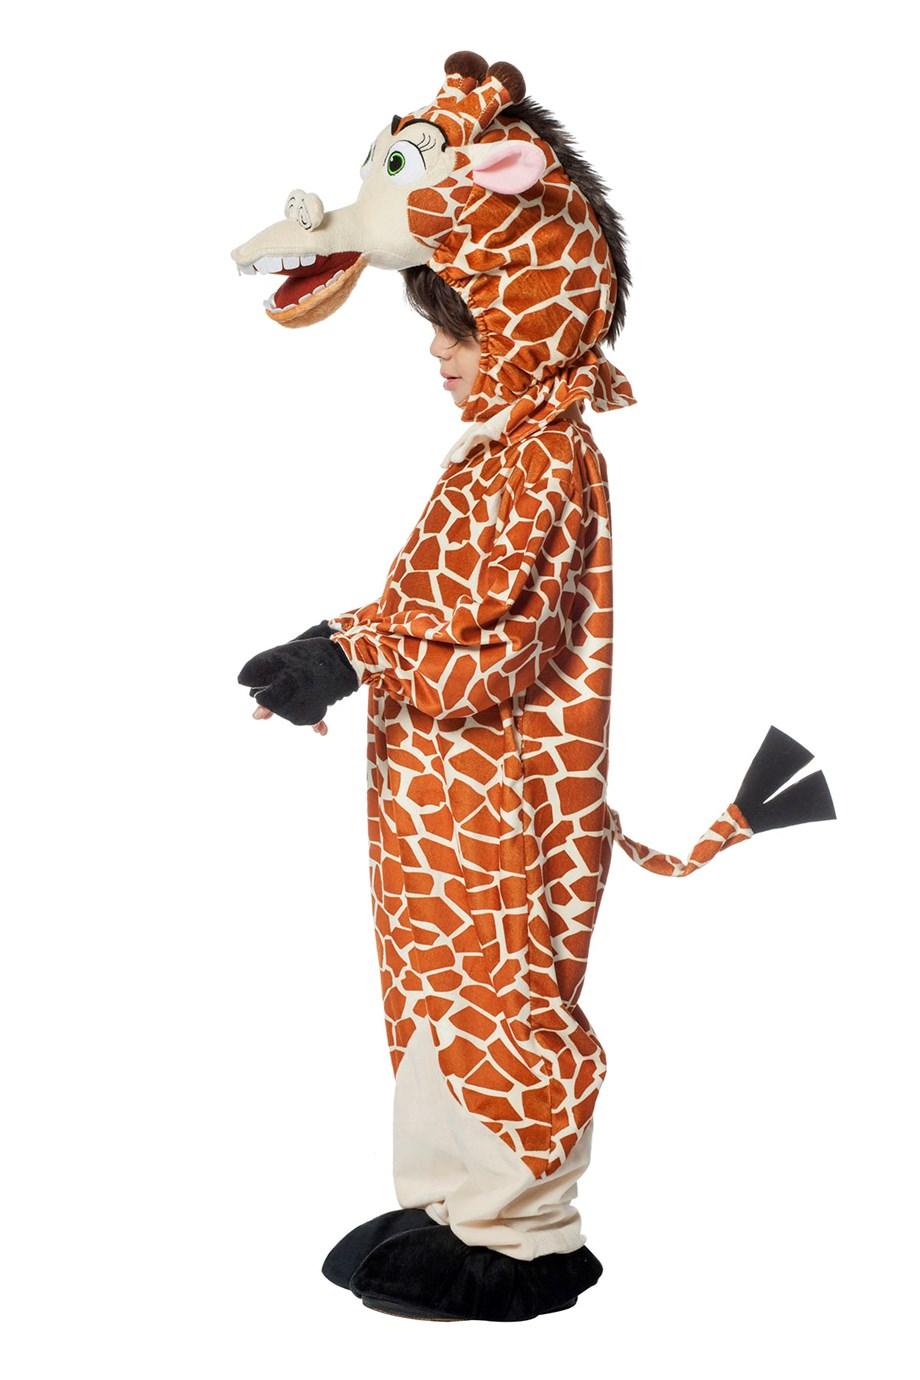 Giraf-226849